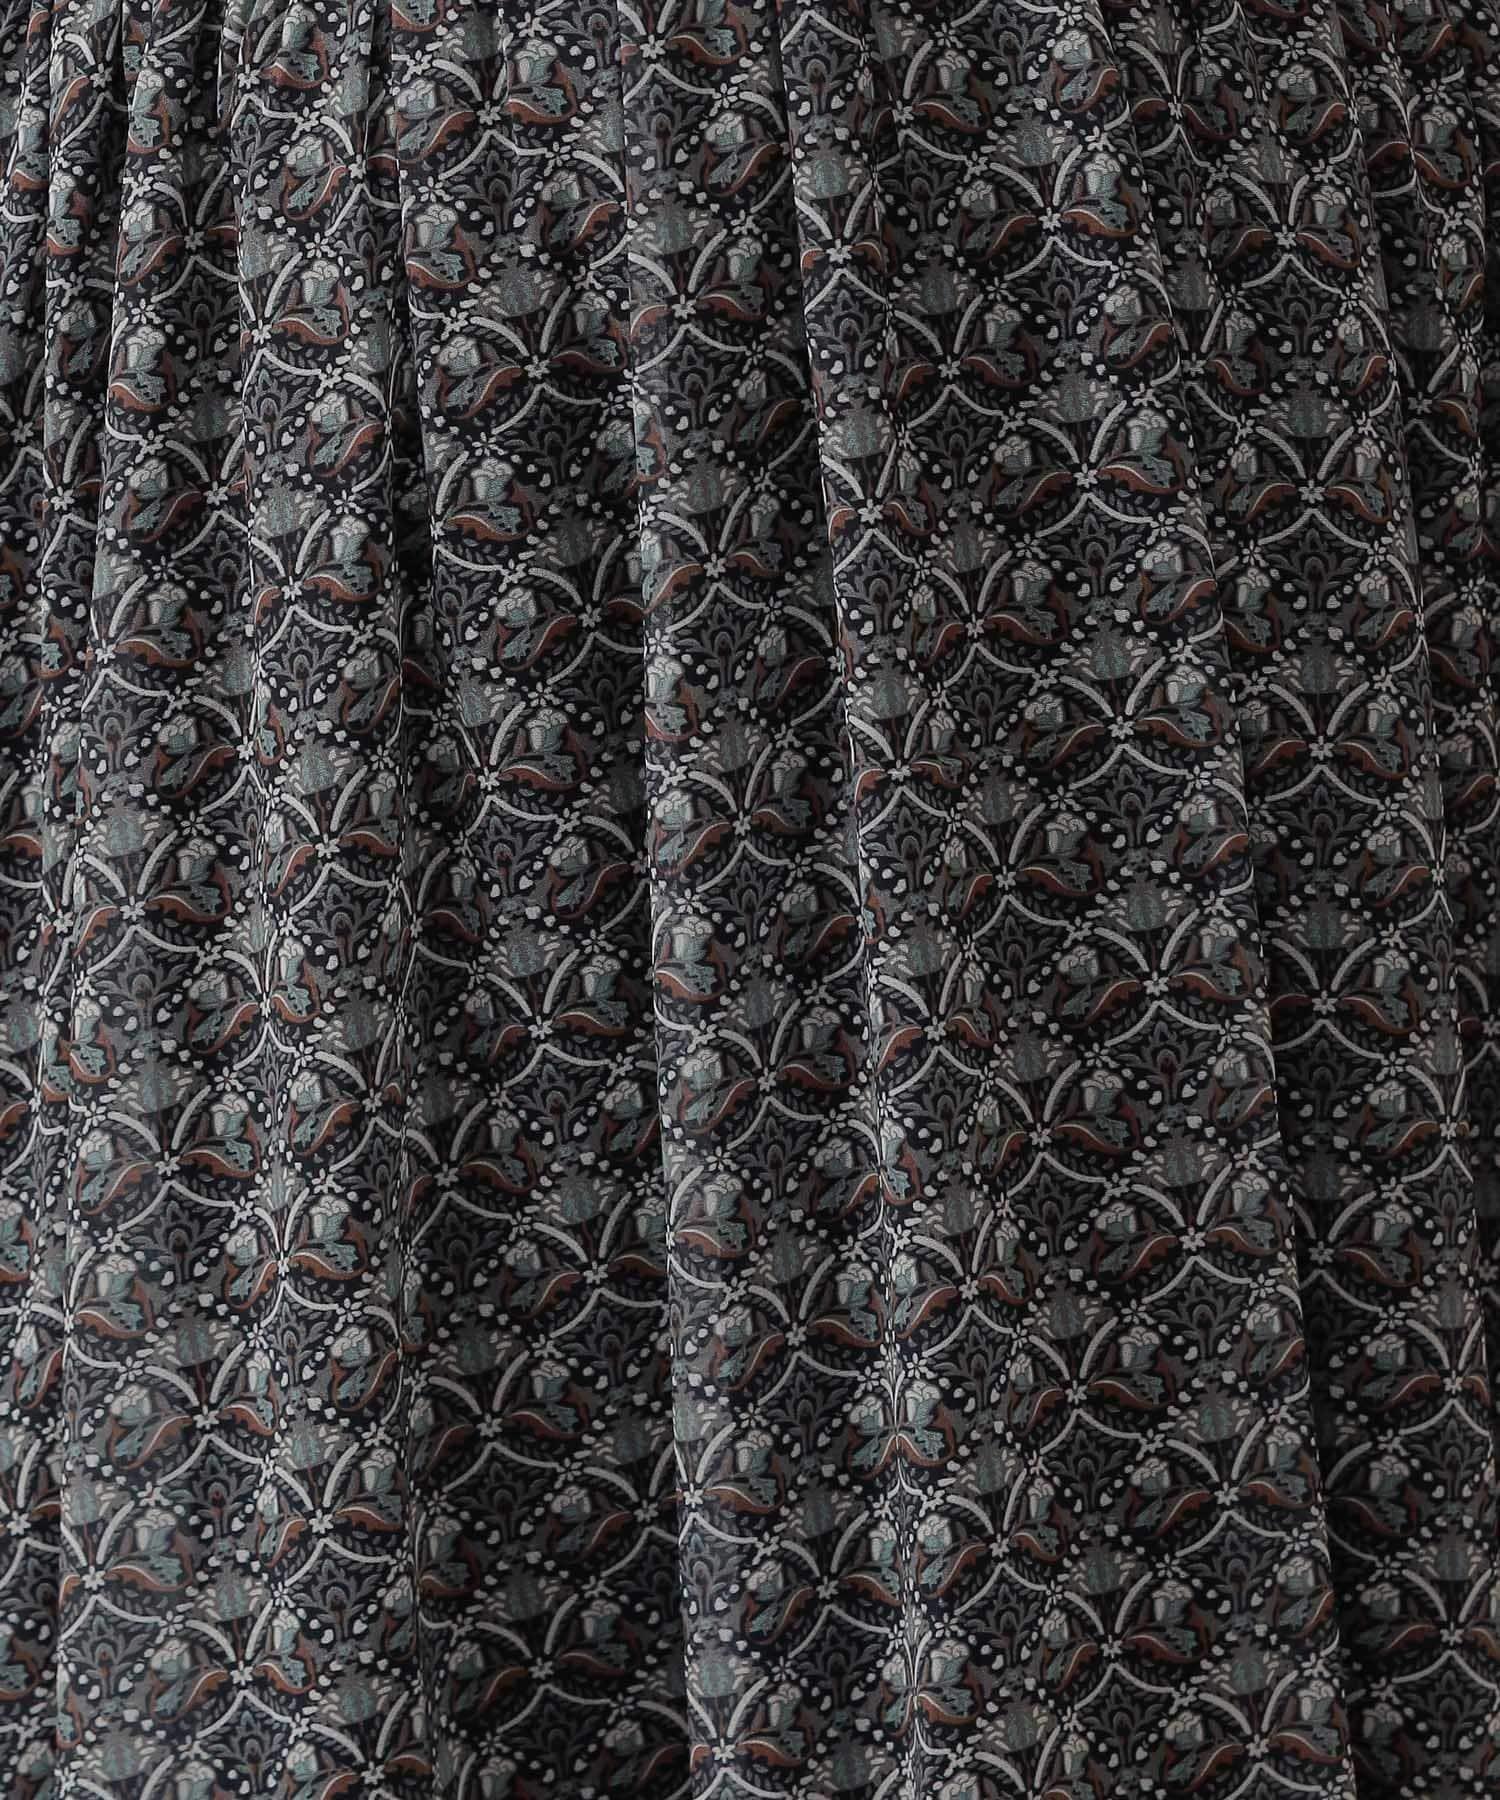 COLONY 2139(コロニー トゥーワンスリーナイン) 【WEB・一部店舗限定】エスニック柄・ペイズリー柄ワンピース[着用動画あり]